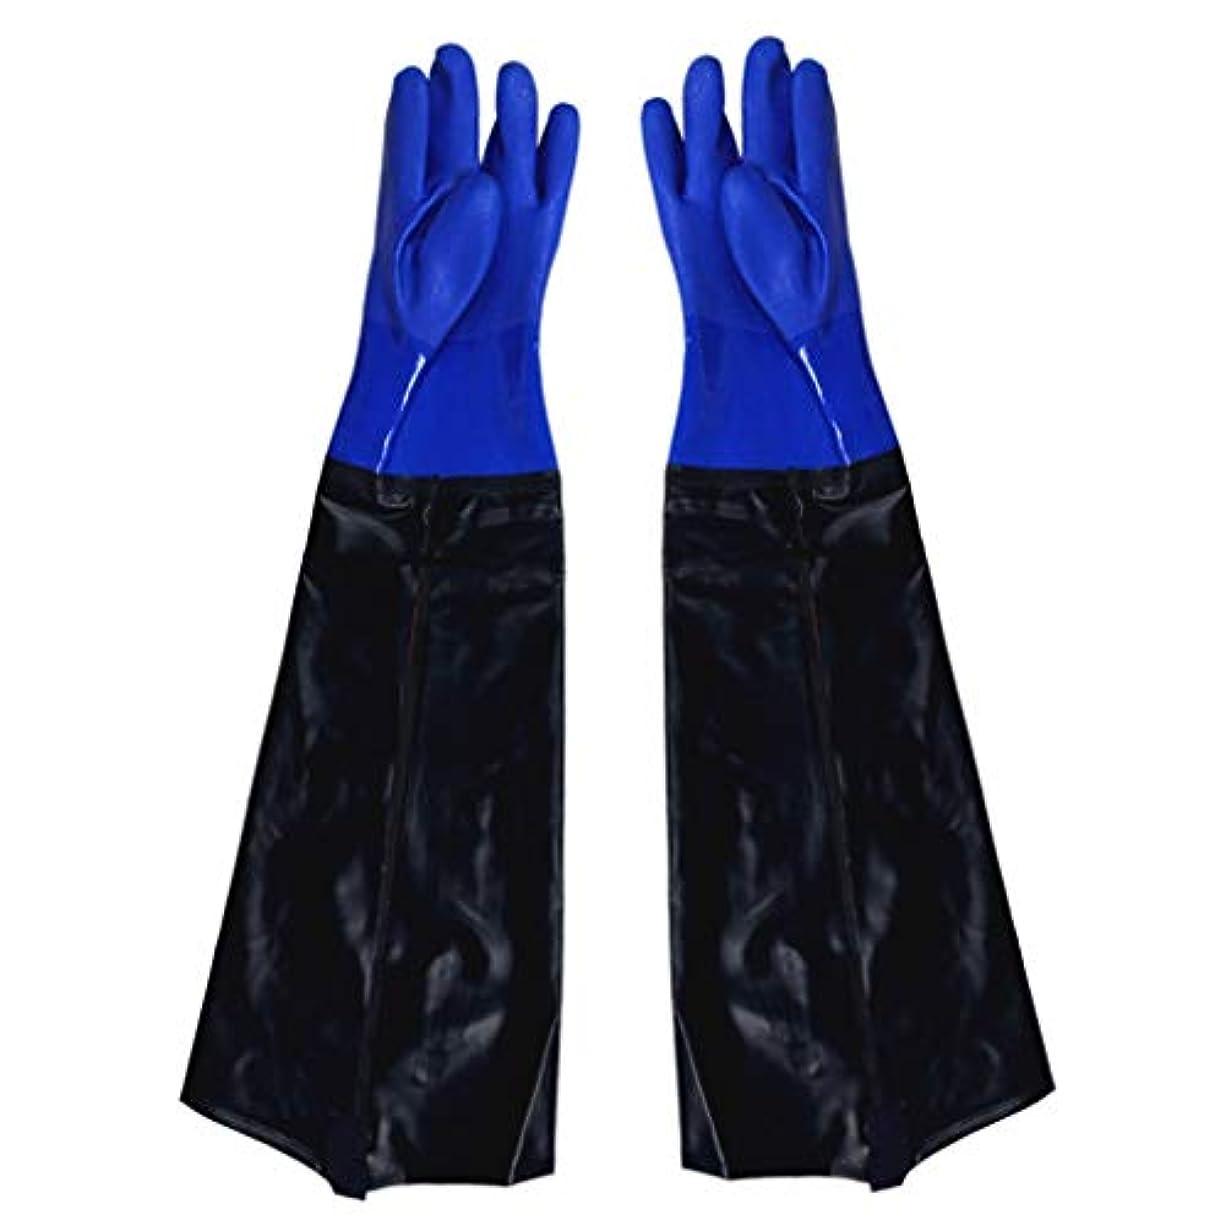 空虚インキュバス思春期ゴム手袋 - 漁業に強い耐久性のある酸とアルカリを広げることを長くすること